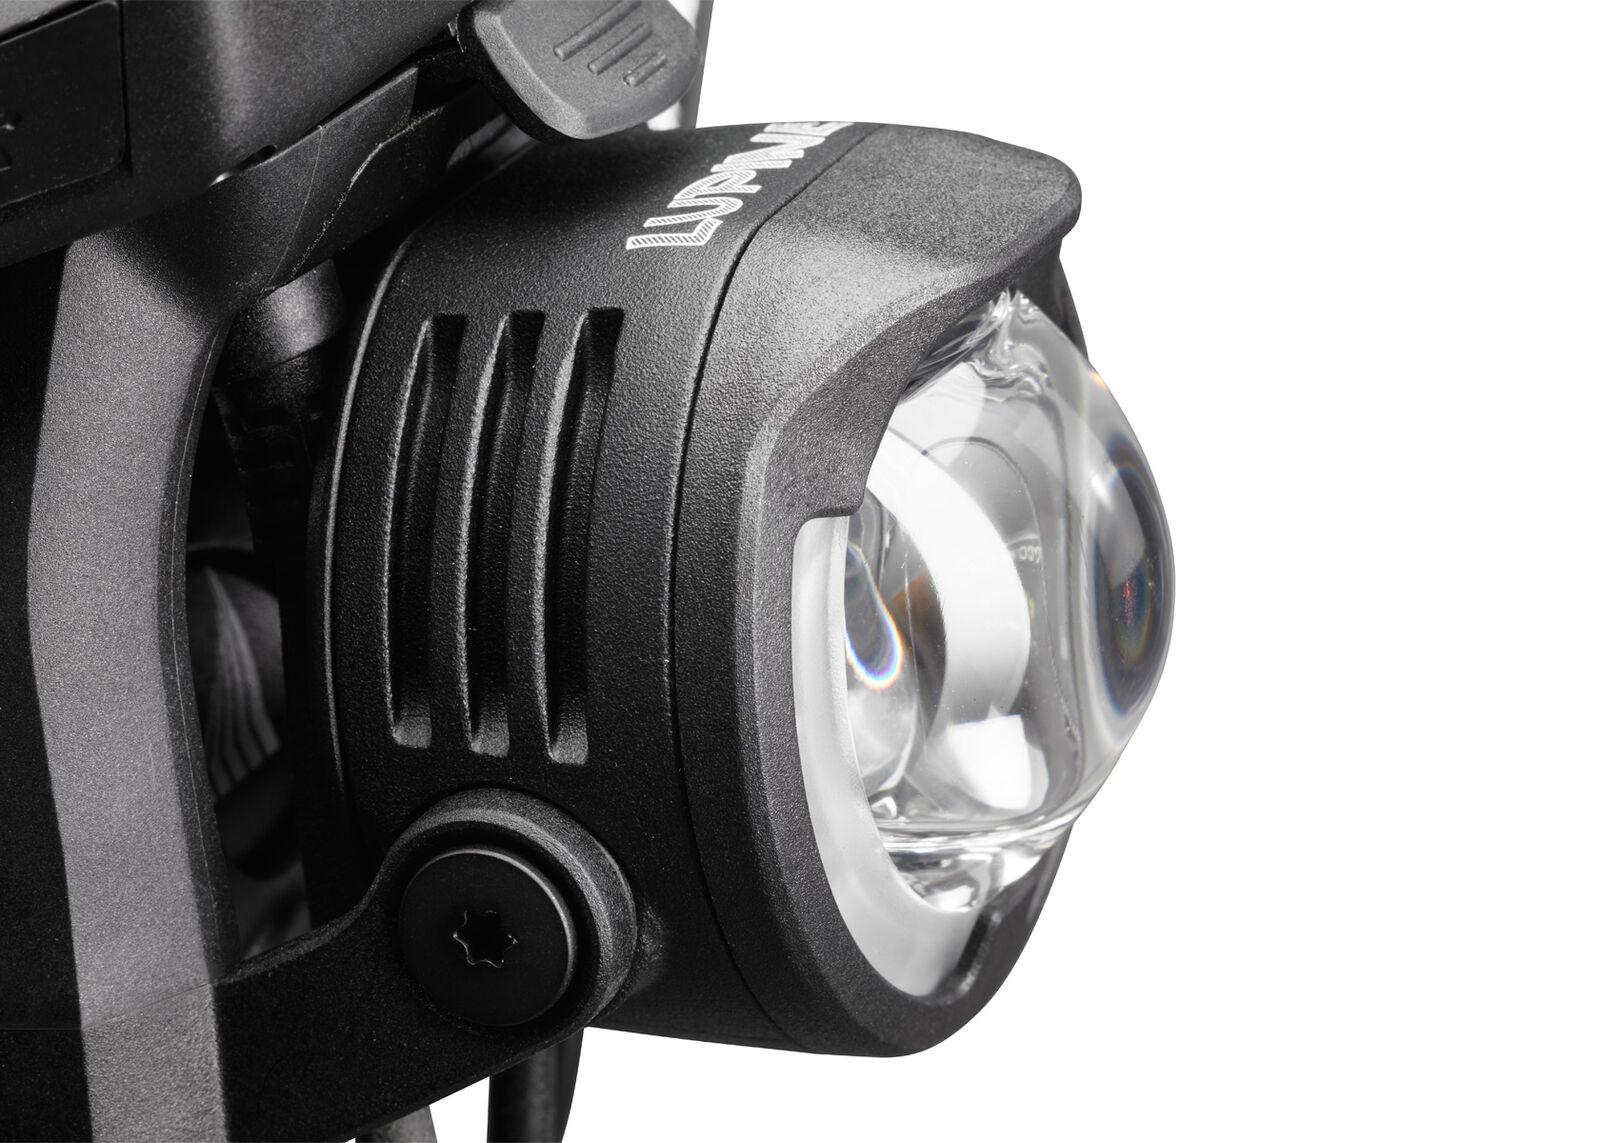 Lupine SL E-Bike Fahrradlampe SL B Bosch StVZO zugelassen mit Anschlusskabel Anschlusskabel mit 5afc22